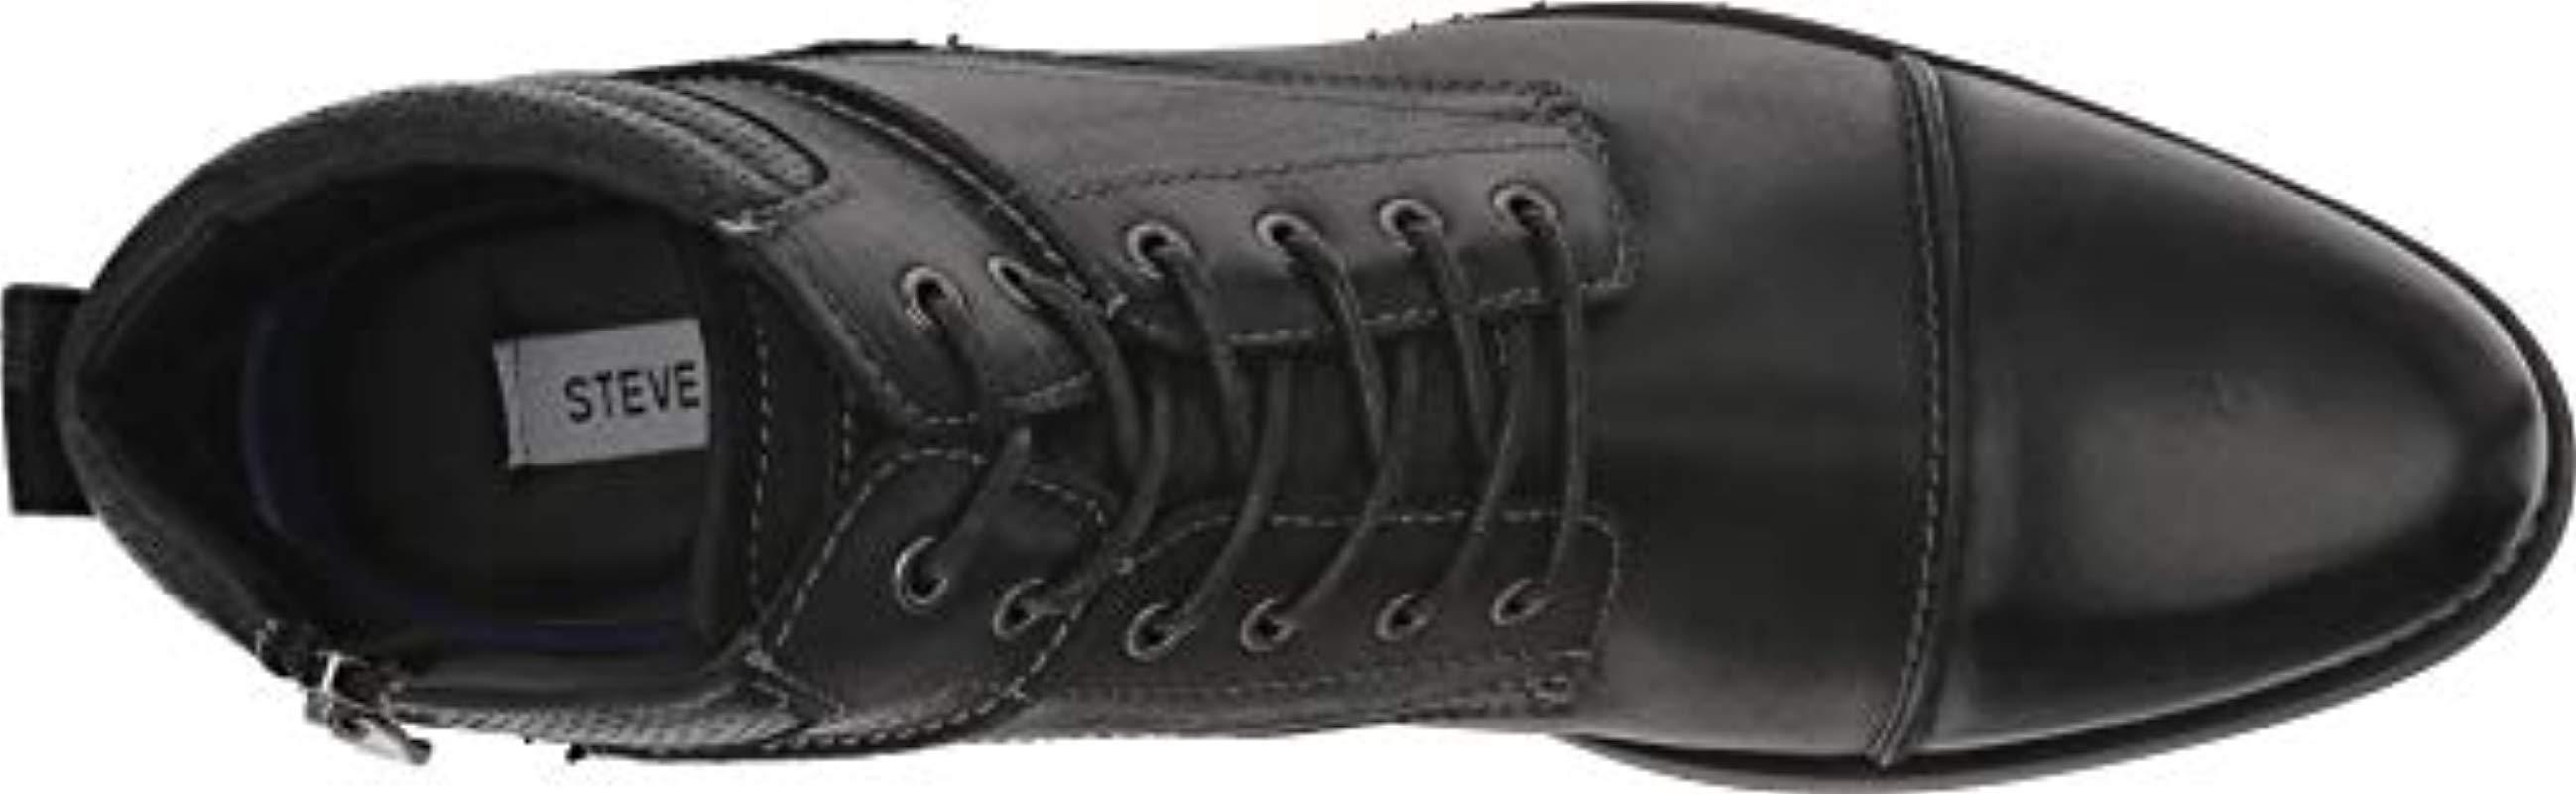 Steve Madden Parkson Ankle Boot in